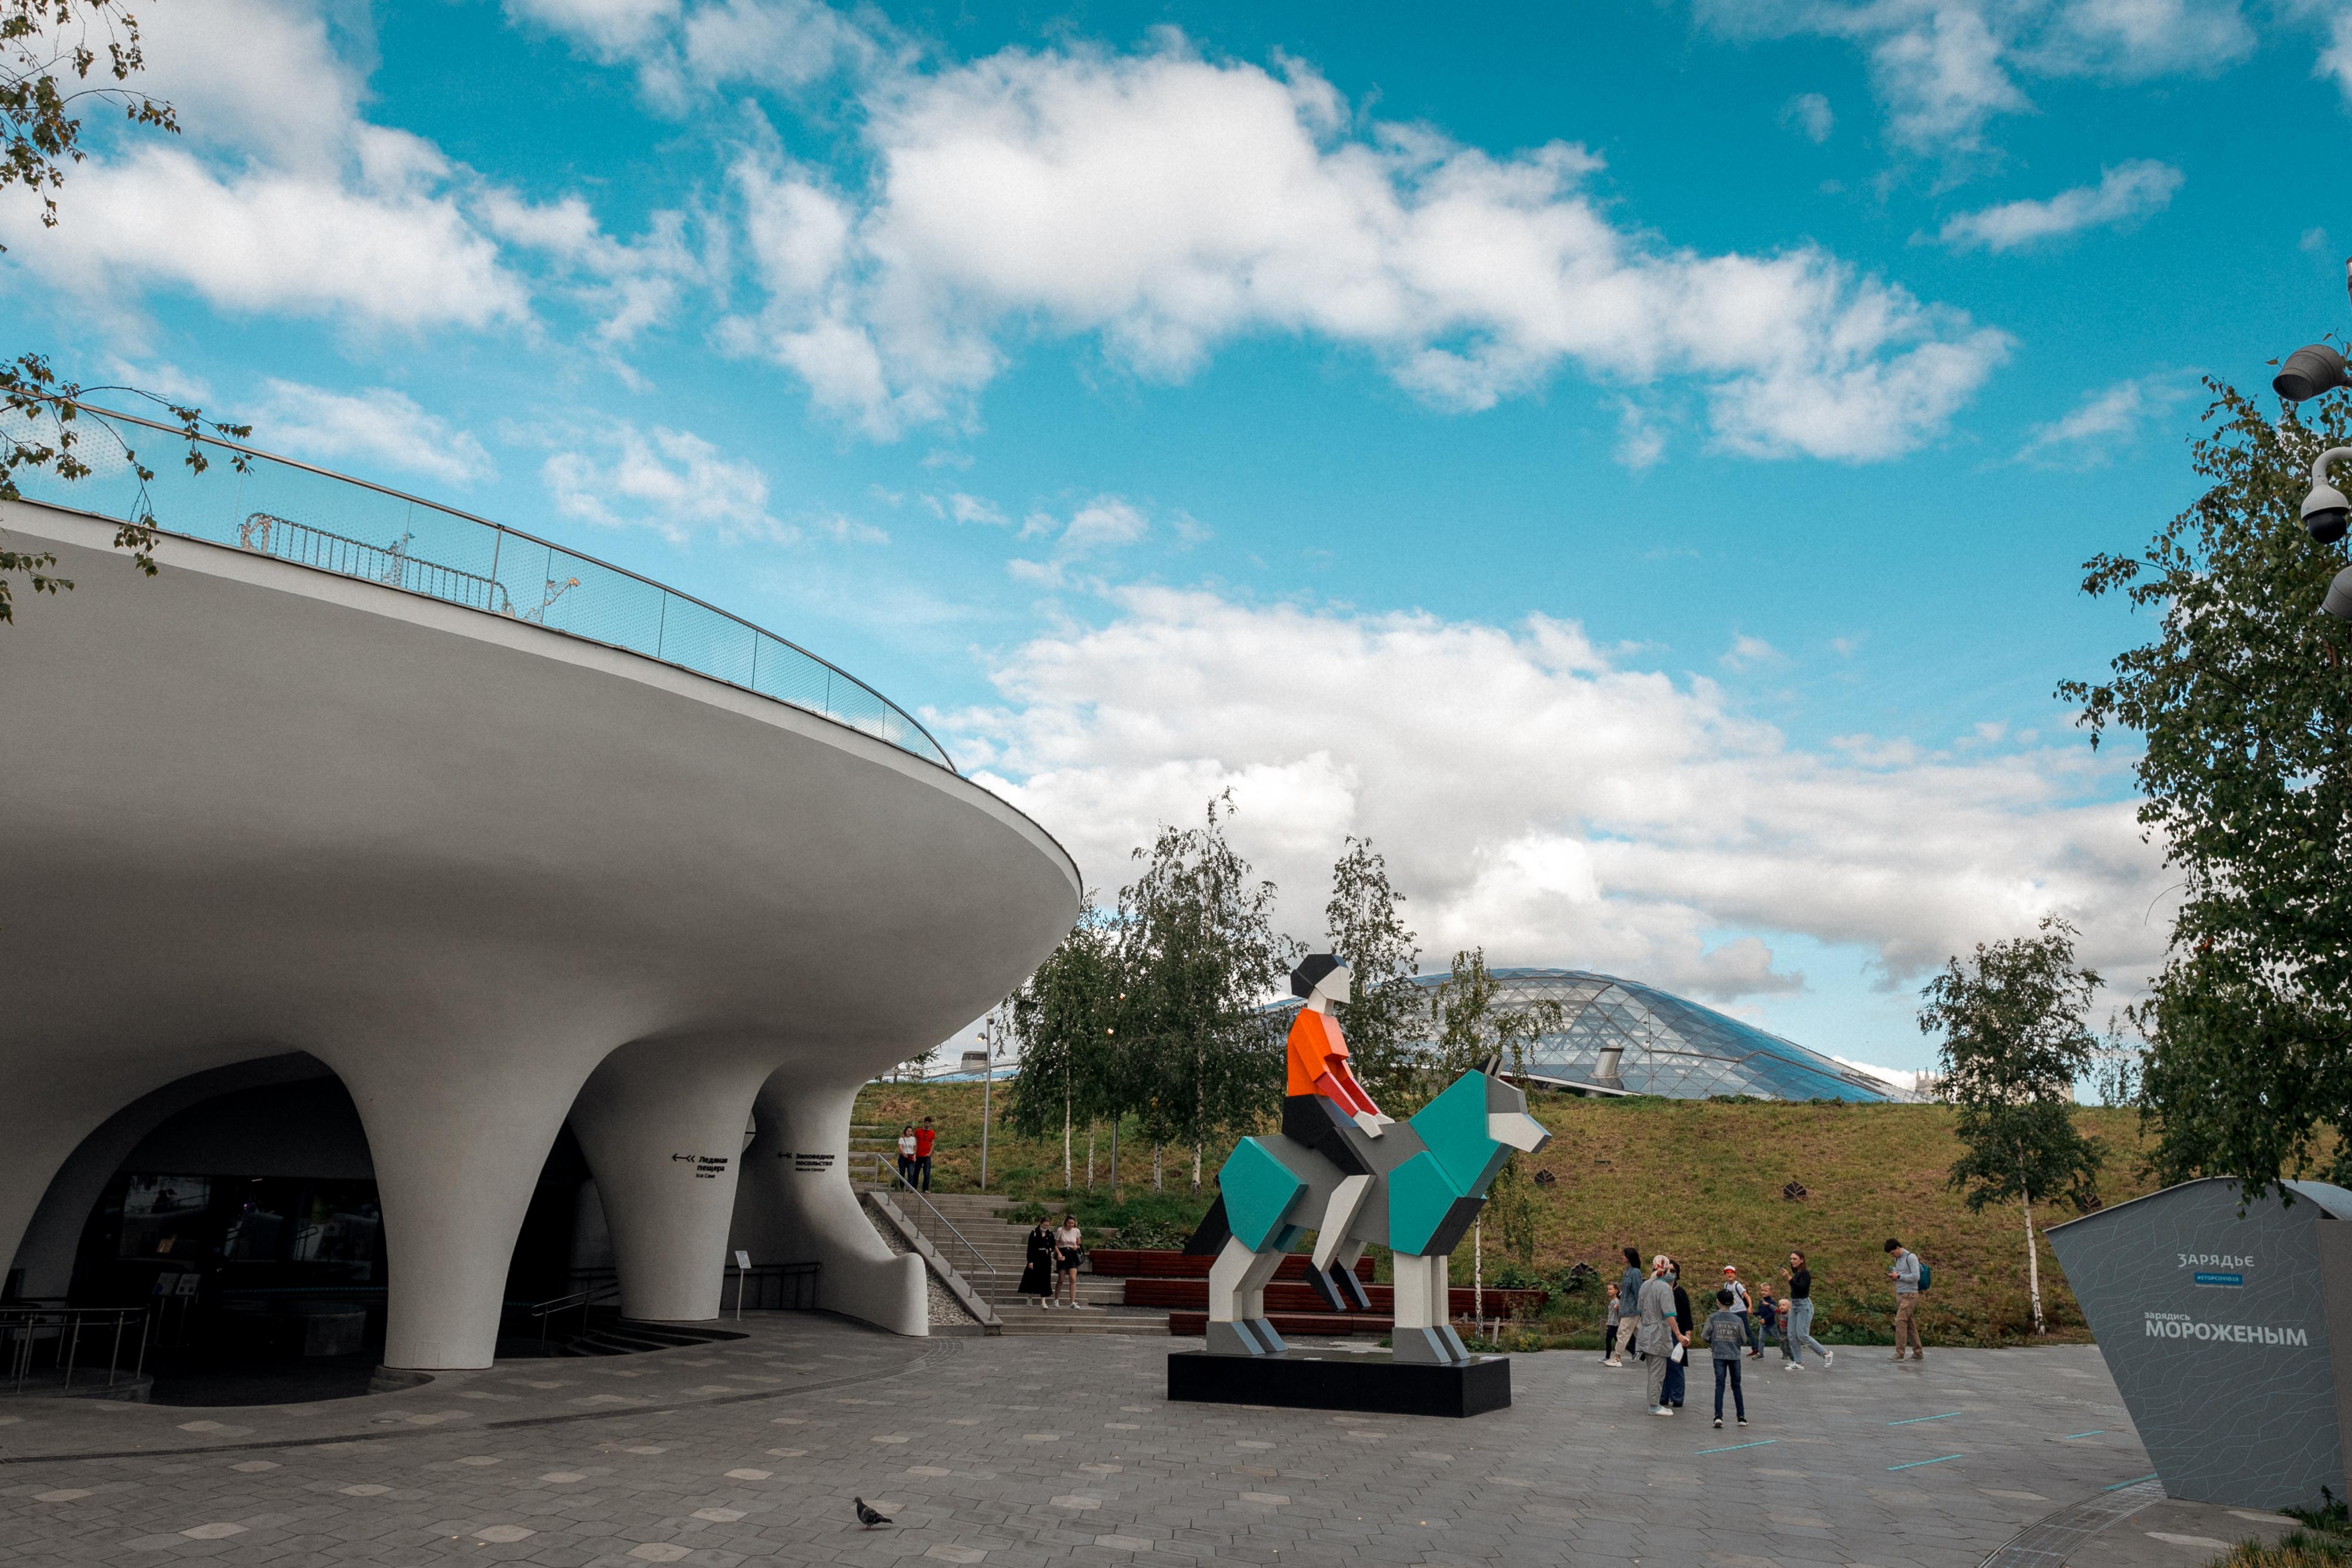 Парк зарядье день города фото